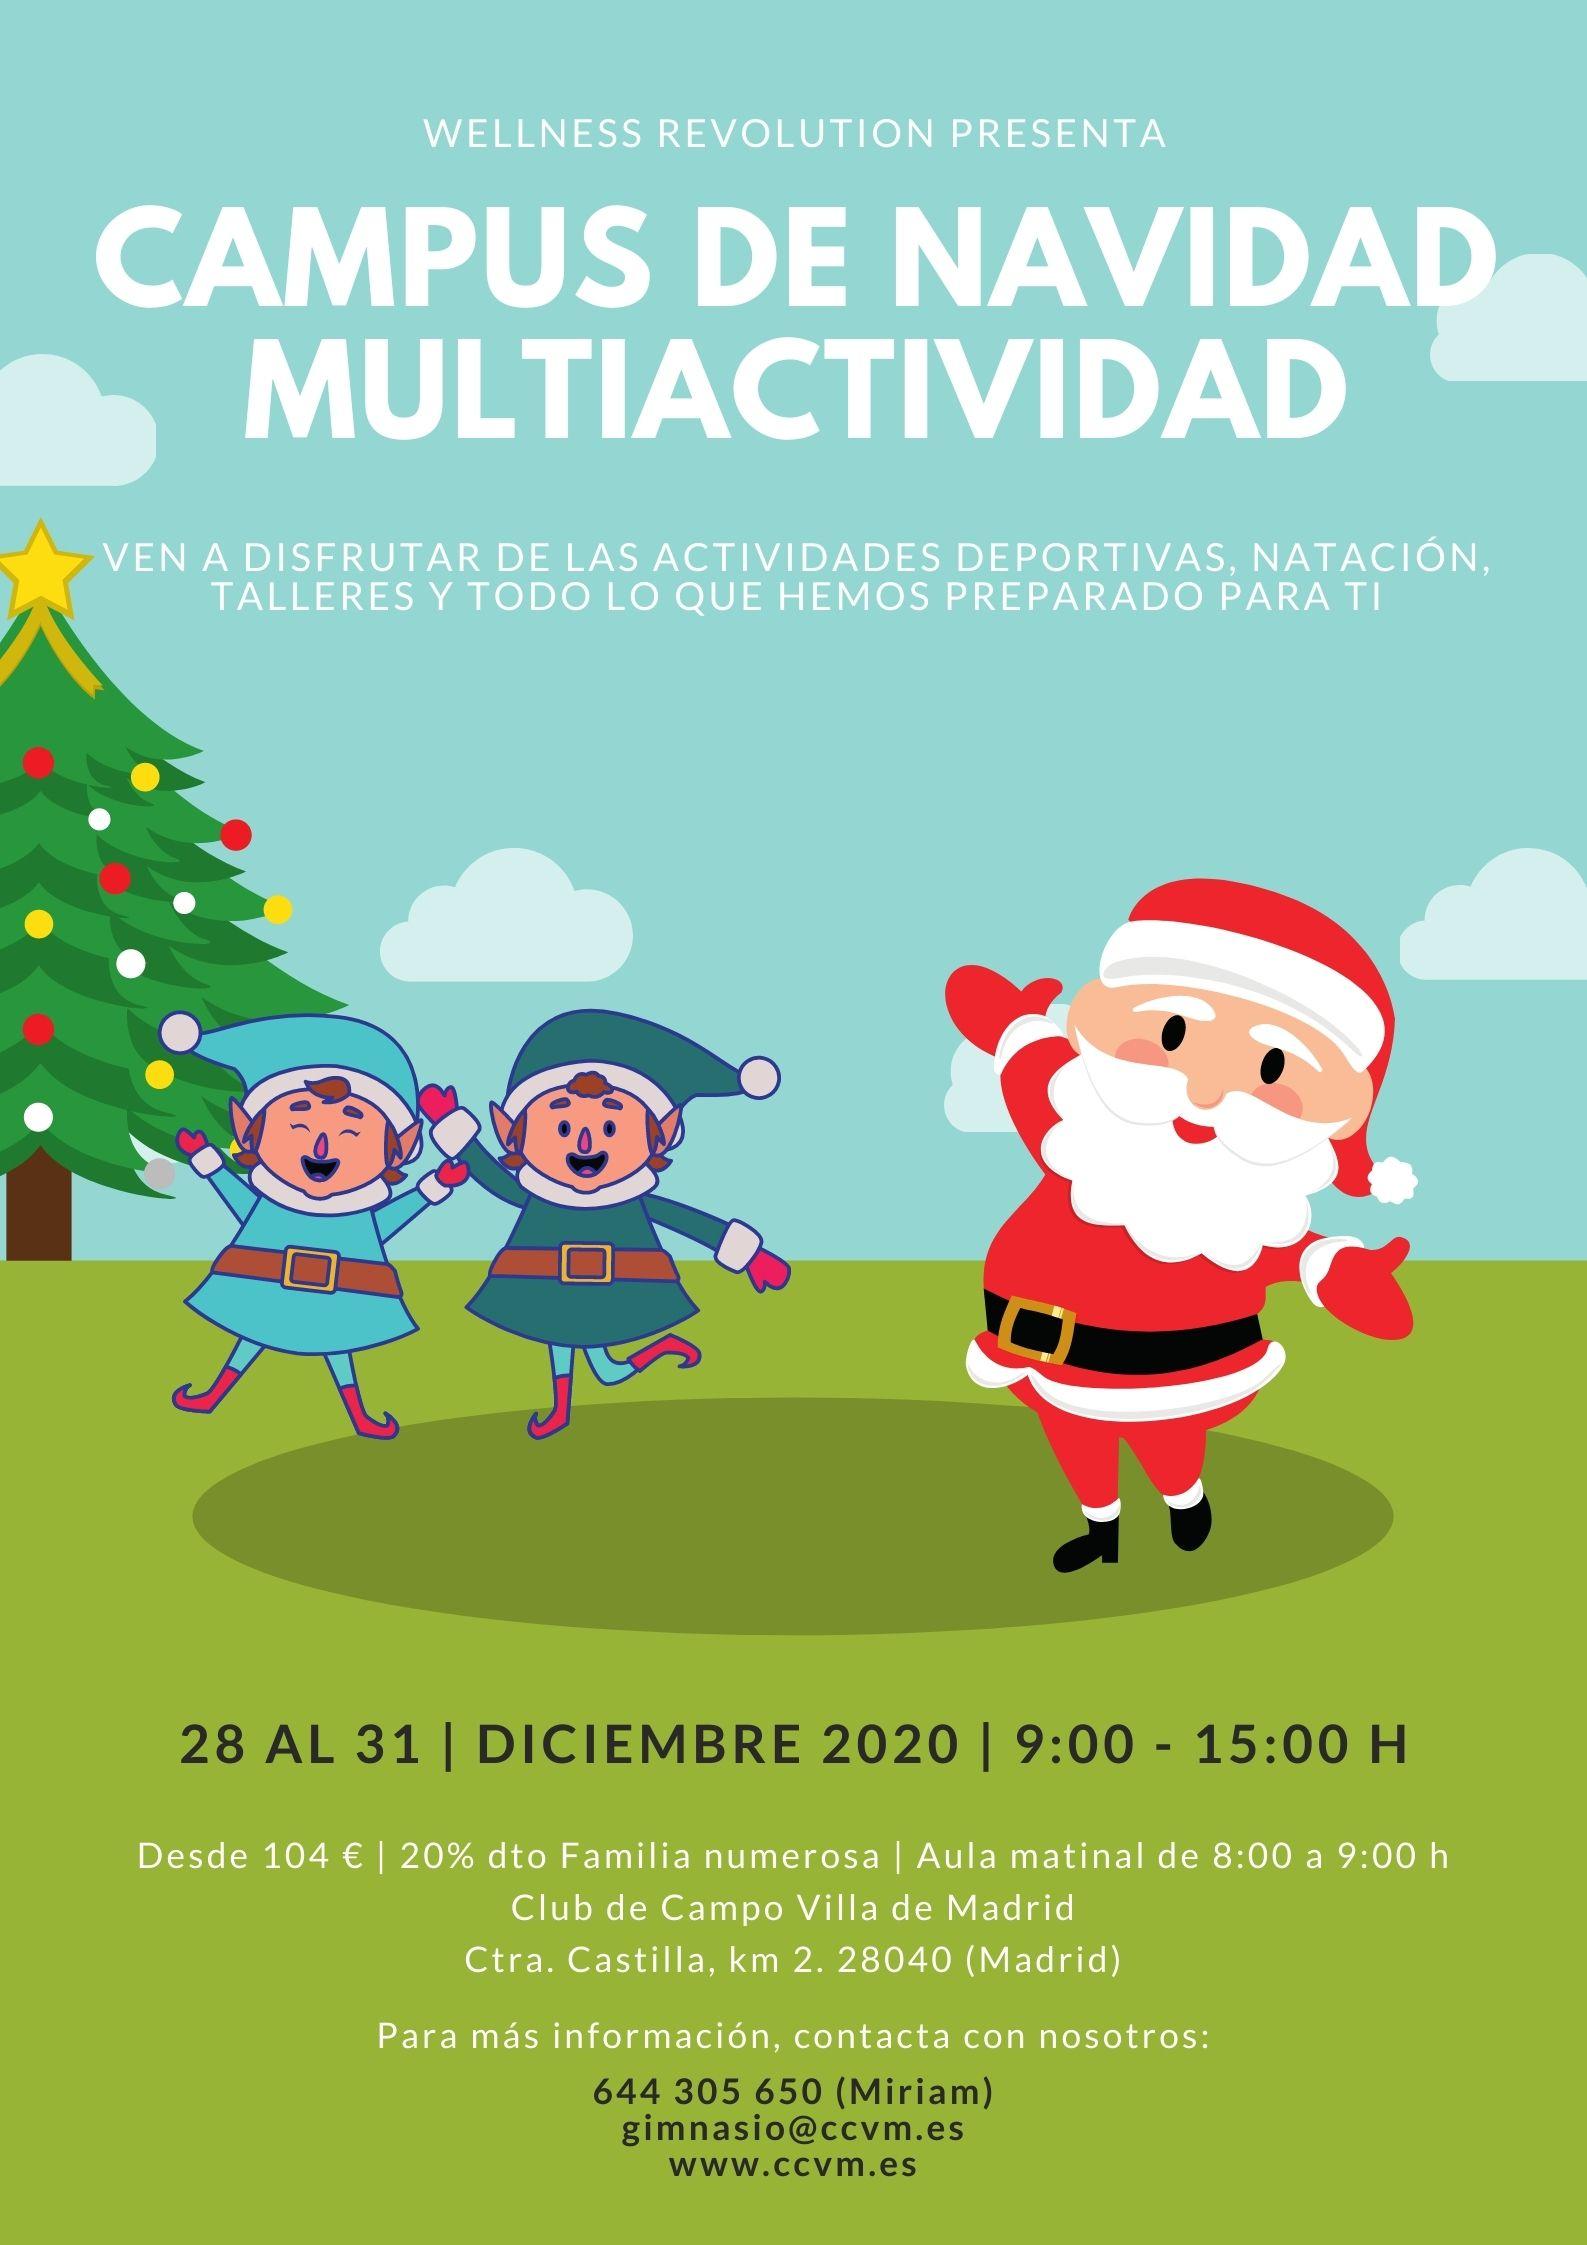 Campus de Navidad Multiactividad CCVM.